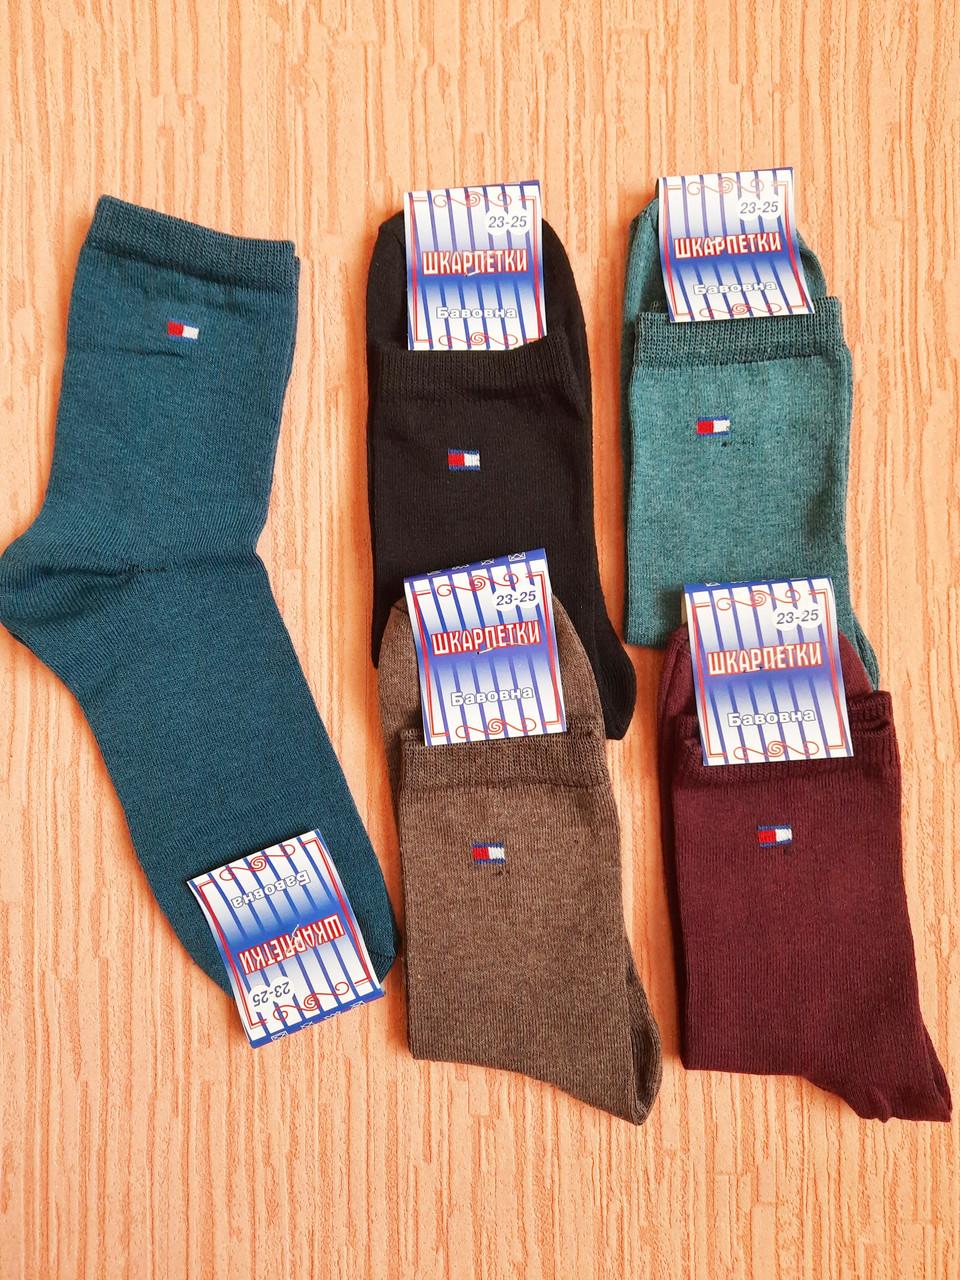 Шкарпетки чоловічі унісекс бавовна стрейч Україна. Розмір 23-25.Від 10 пар по 7,50 грн